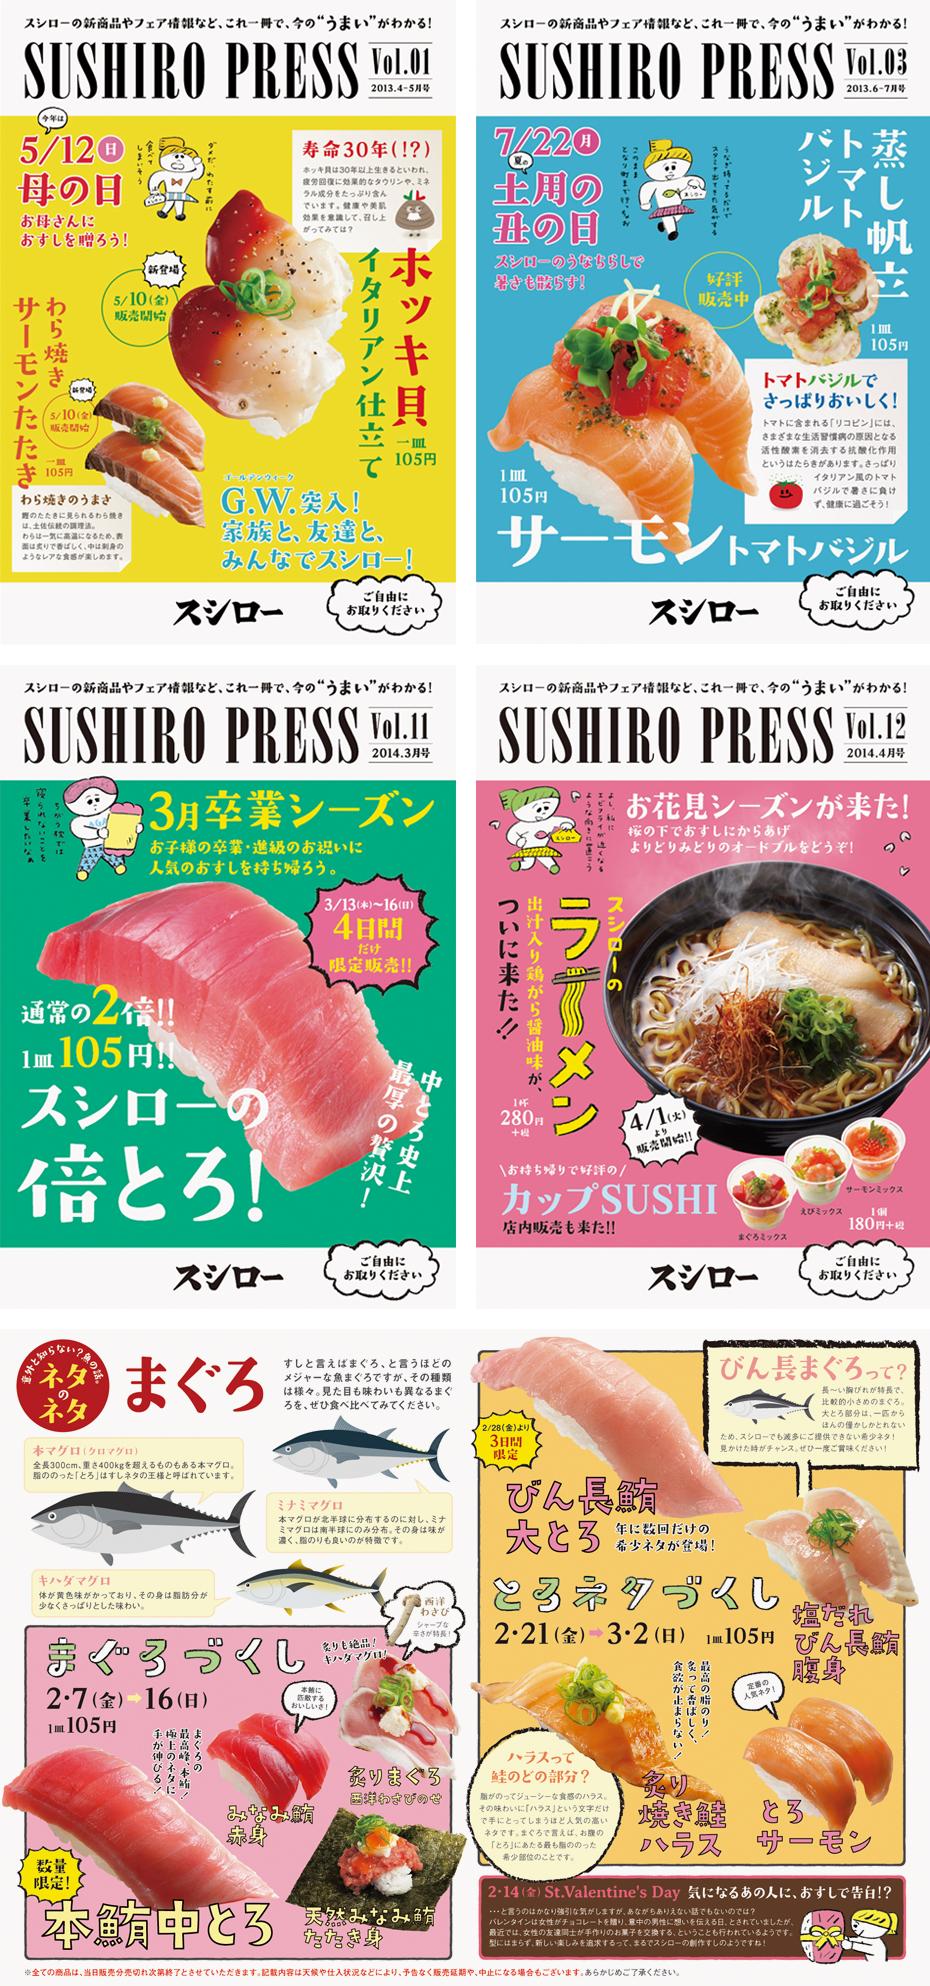 sushiro_press